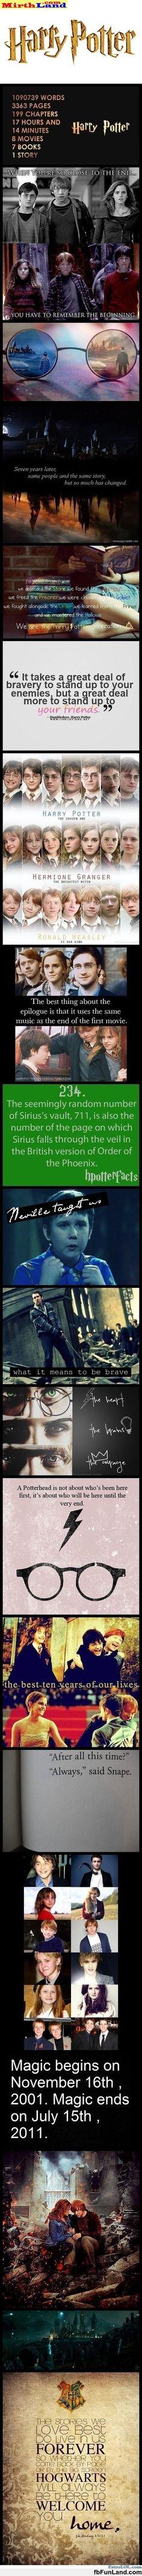 Herry Potter Forever